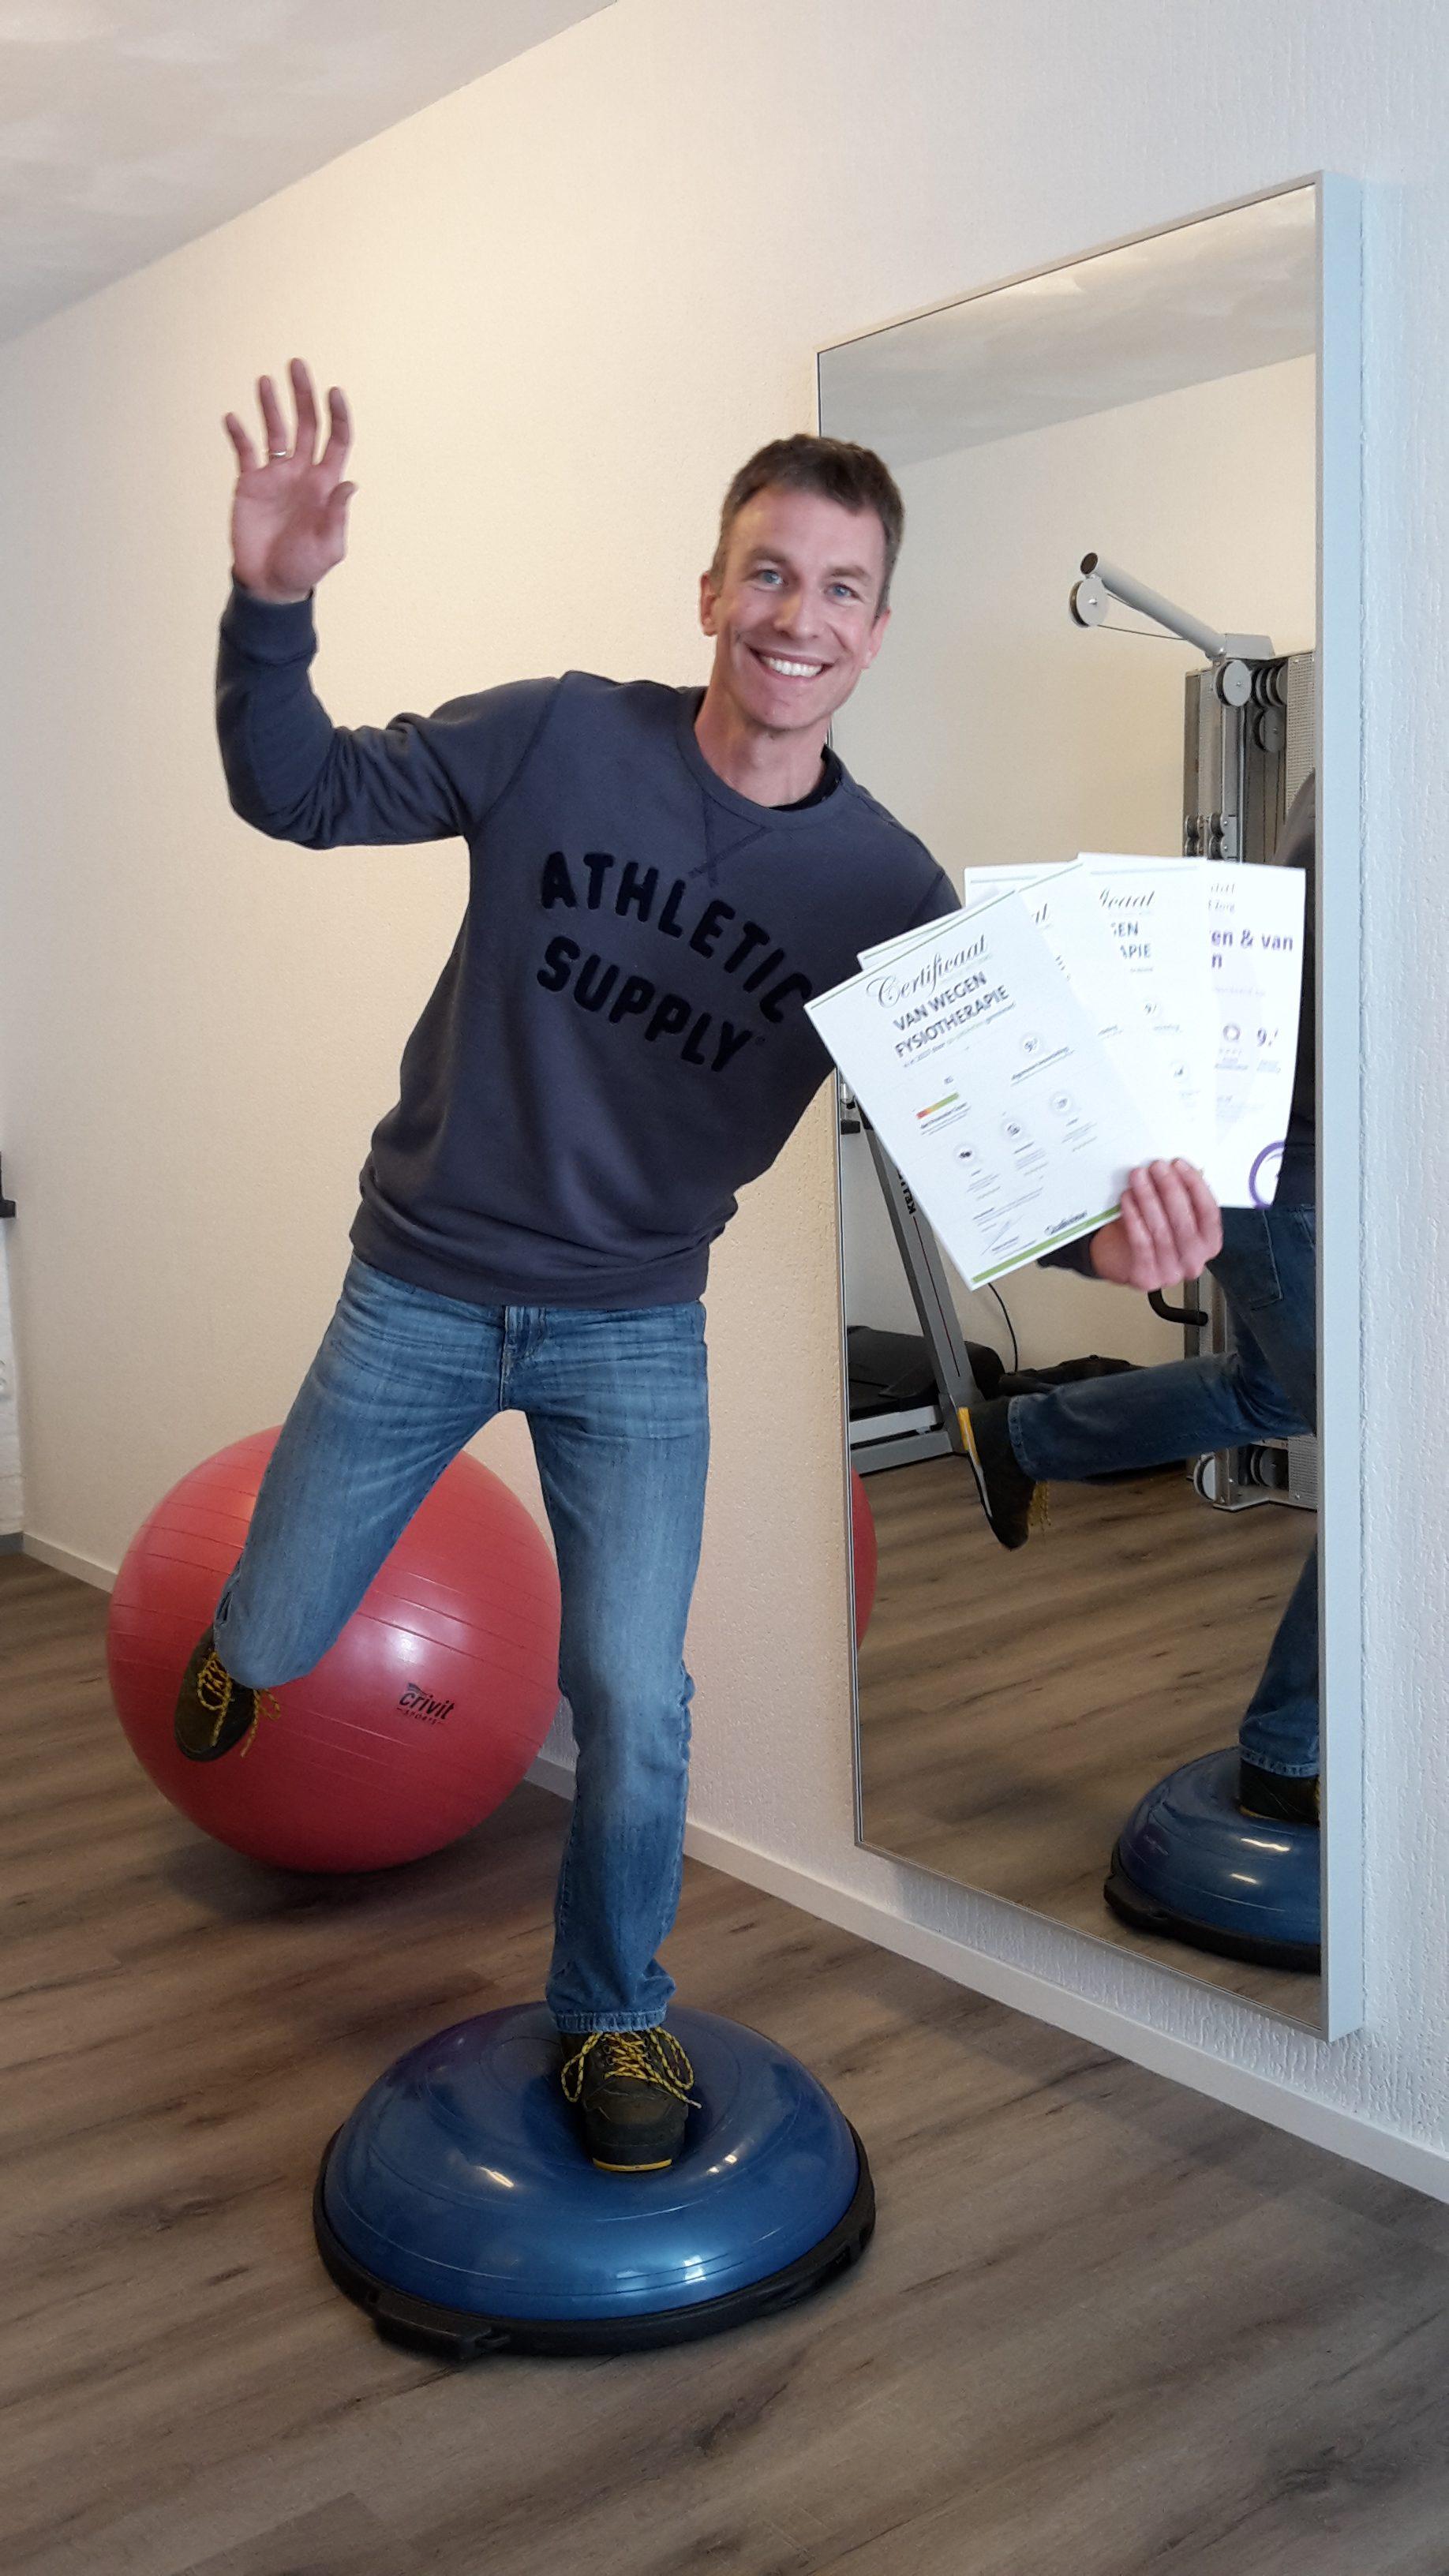 """Praktijk Erik van Wegen """"in balans"""" met 5 jaar topscore."""